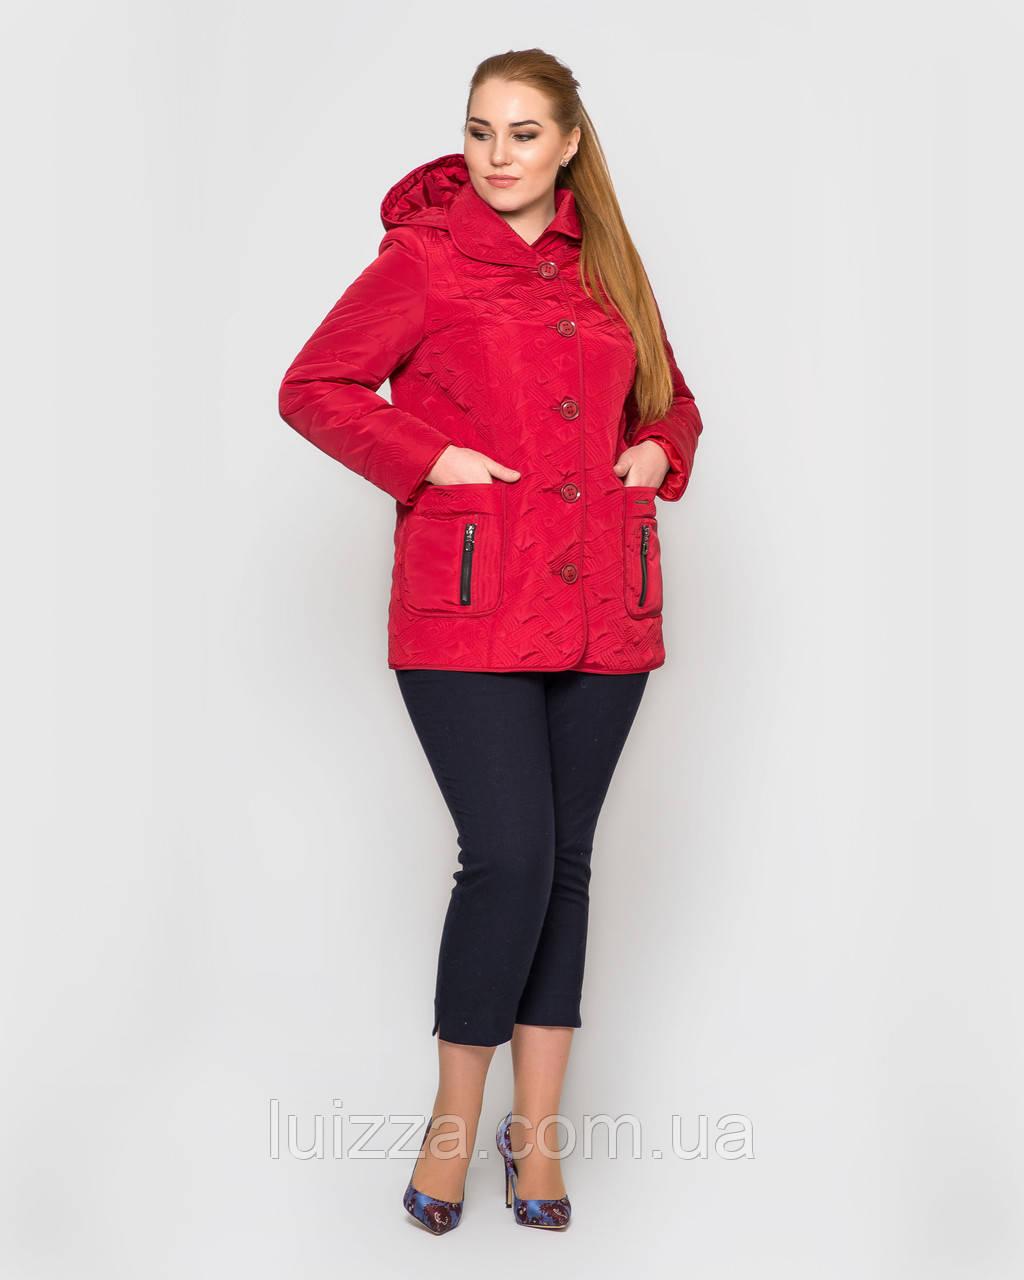 Женская куртка, стеганная узором 50-62рр красная 54